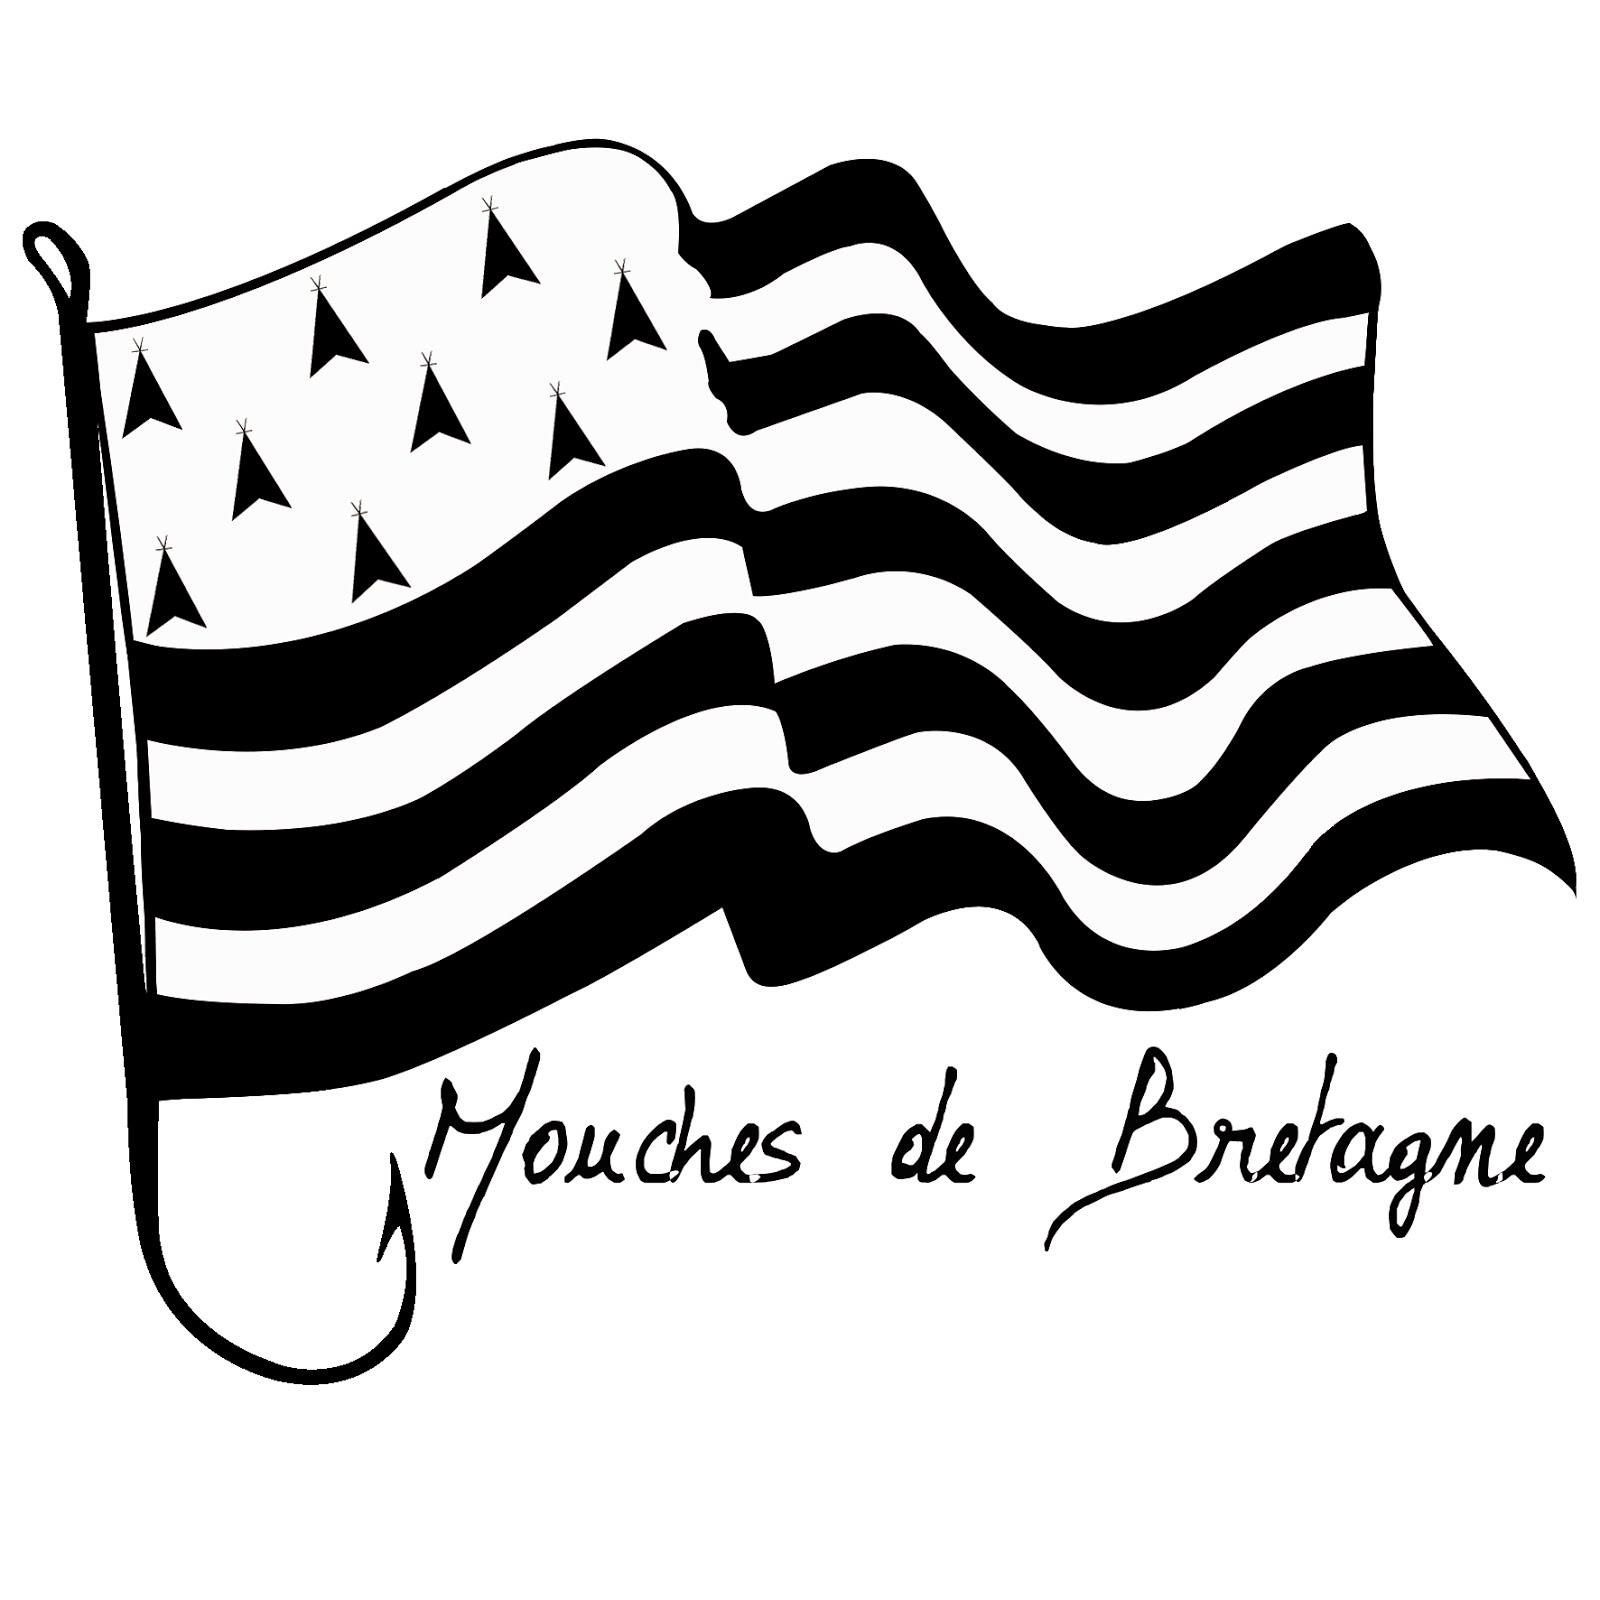 mouches de Bretagne